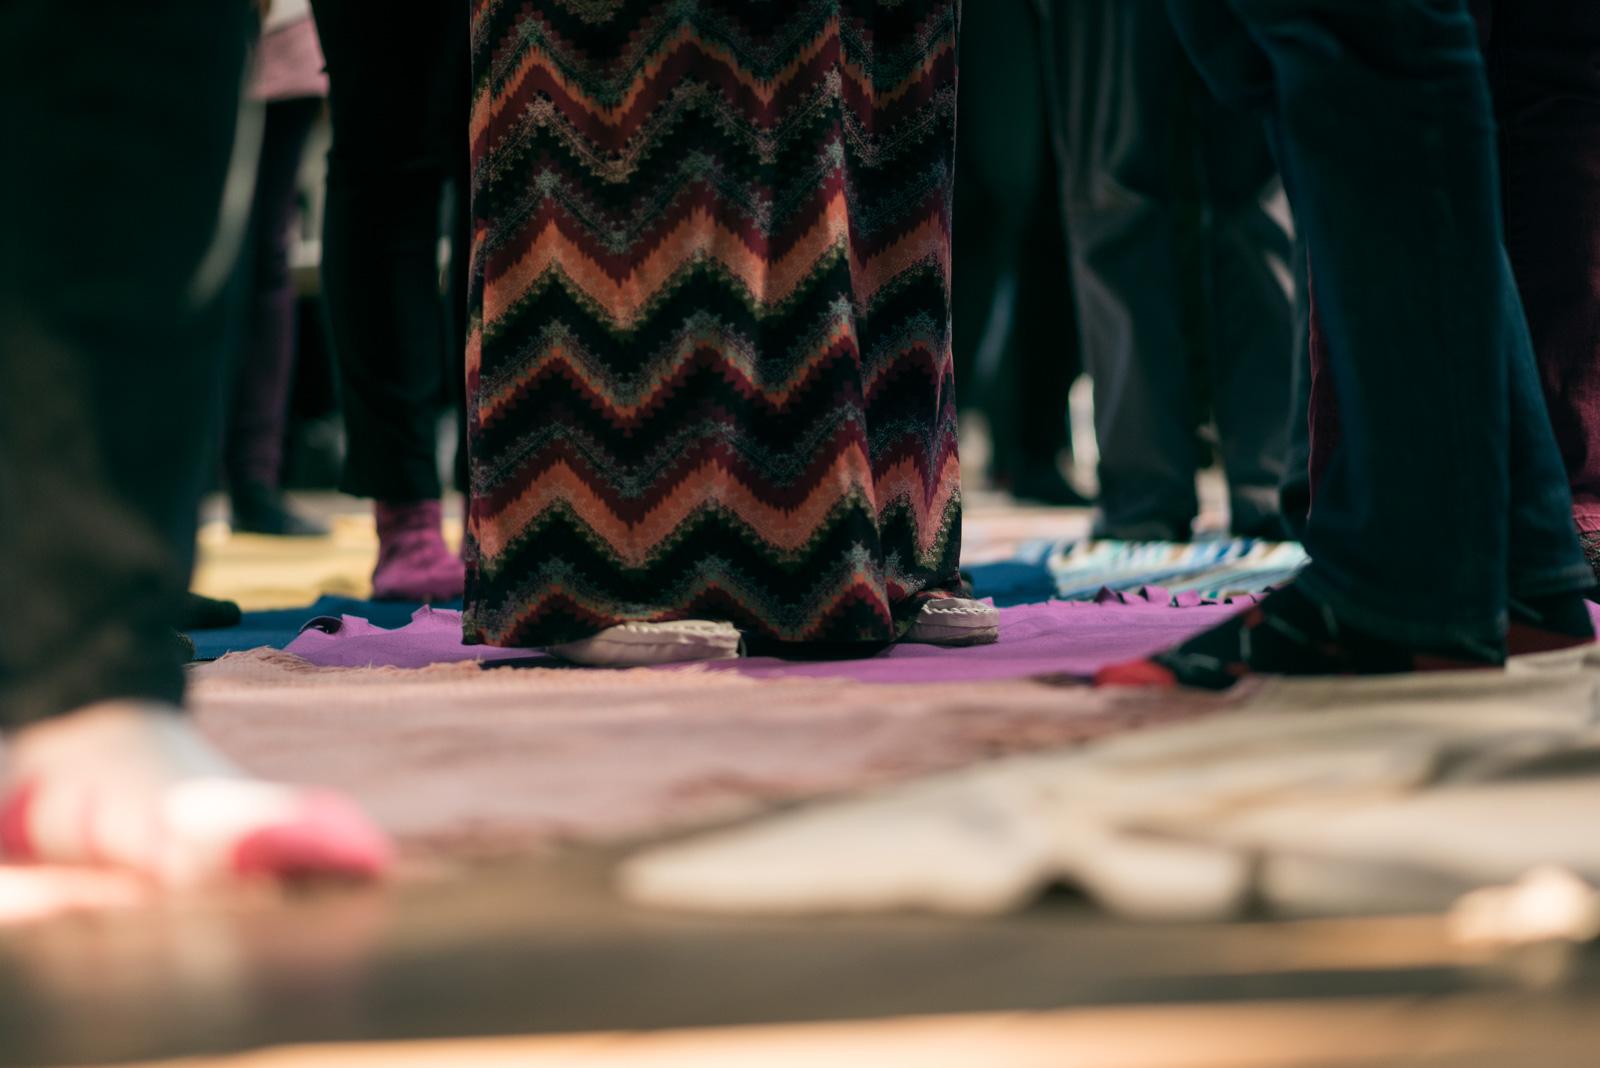 kairos-blanket-exercise-blog-12.jpg